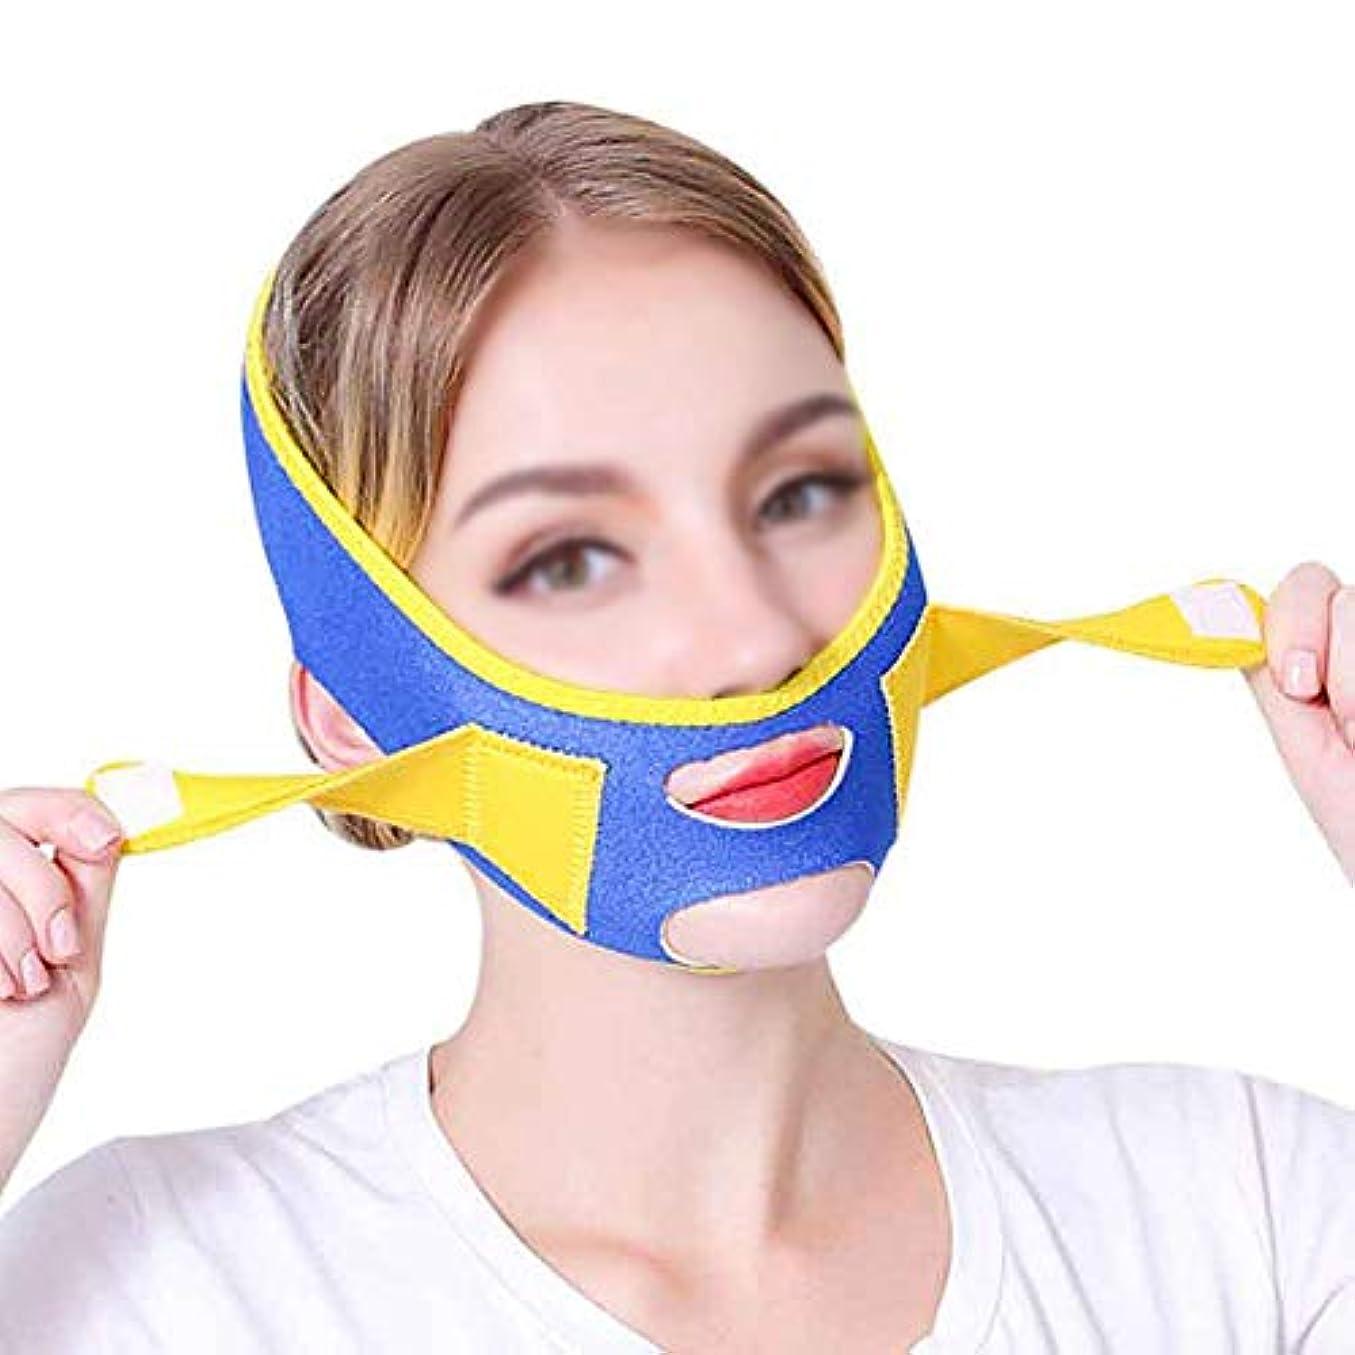 蓋一握りモジュールGLJJQMY 薄い顔マスクあごの修復包帯薄い顔マスクV顔ステッカー薄い顔ステッカー韓国本物のスリミング引き締め顔スリムダブルスクワットフェイスリフト睡眠包帯アーティファクト 顔用整形マスク